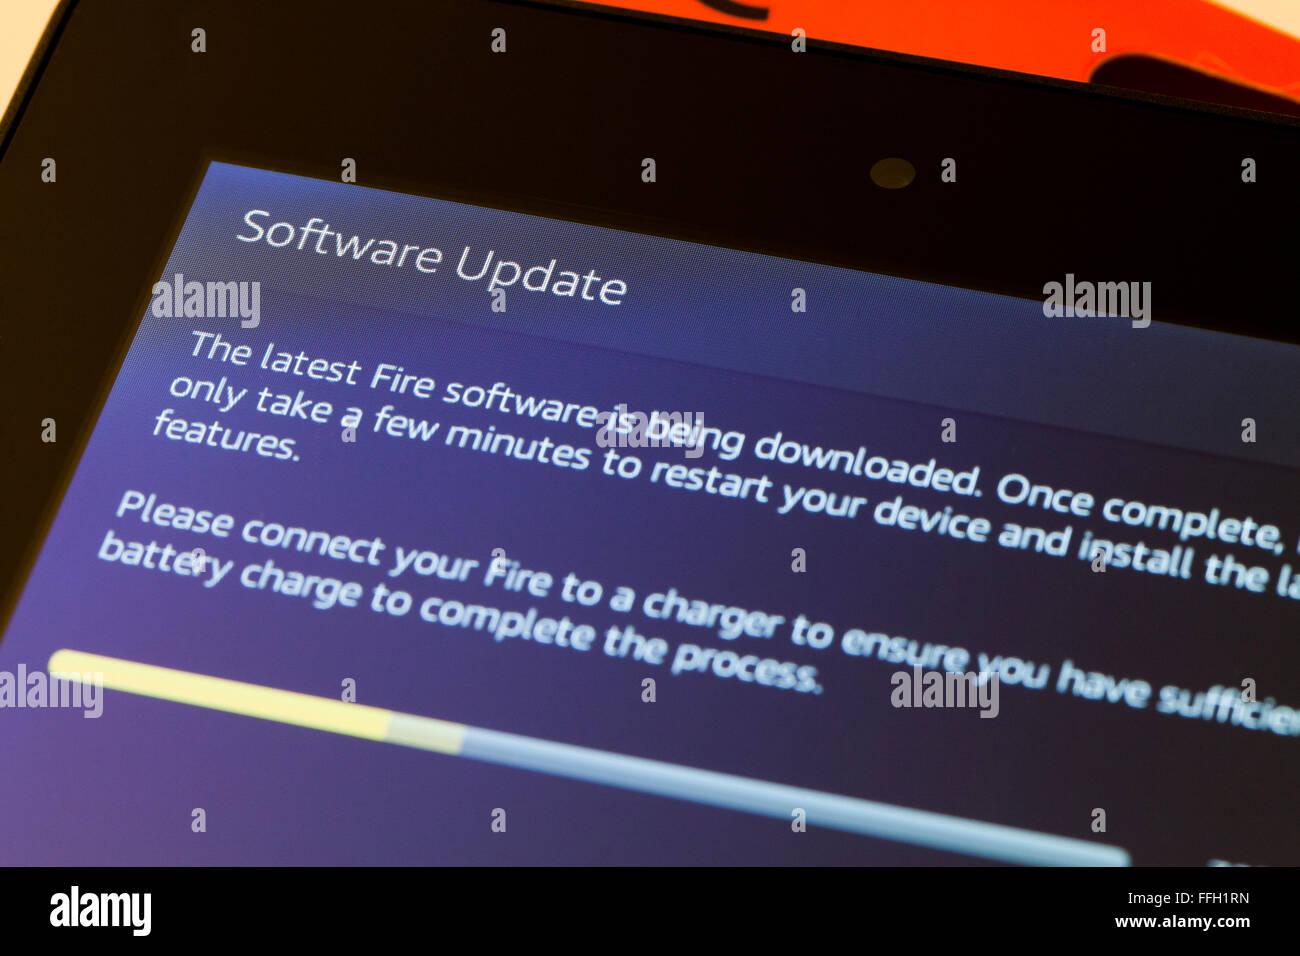 Amazon Fire tablet de pantalla de instalación de la actualización del software del sistema - EE.UU. Imagen De Stock